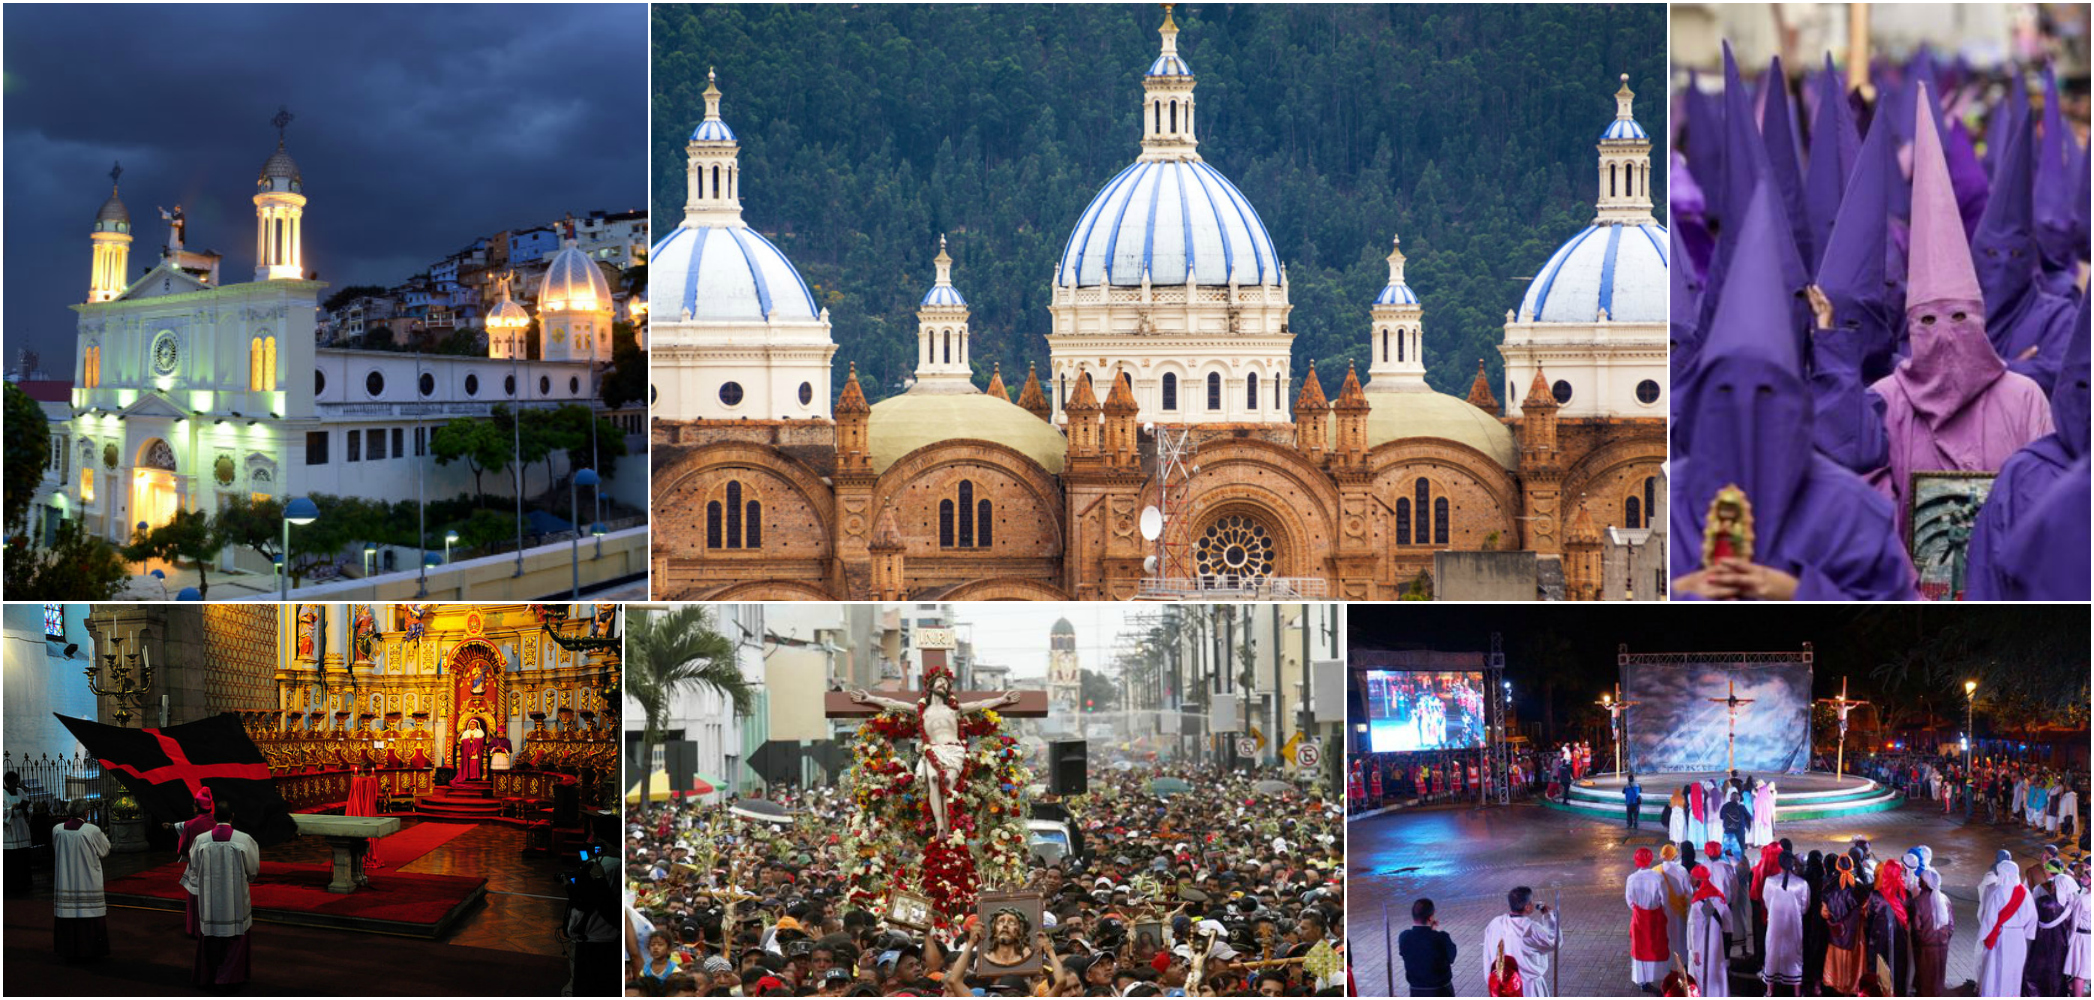 La Semana Santa en quito Ecuador, procesión de Jesus del ...   Semana Santa Quito